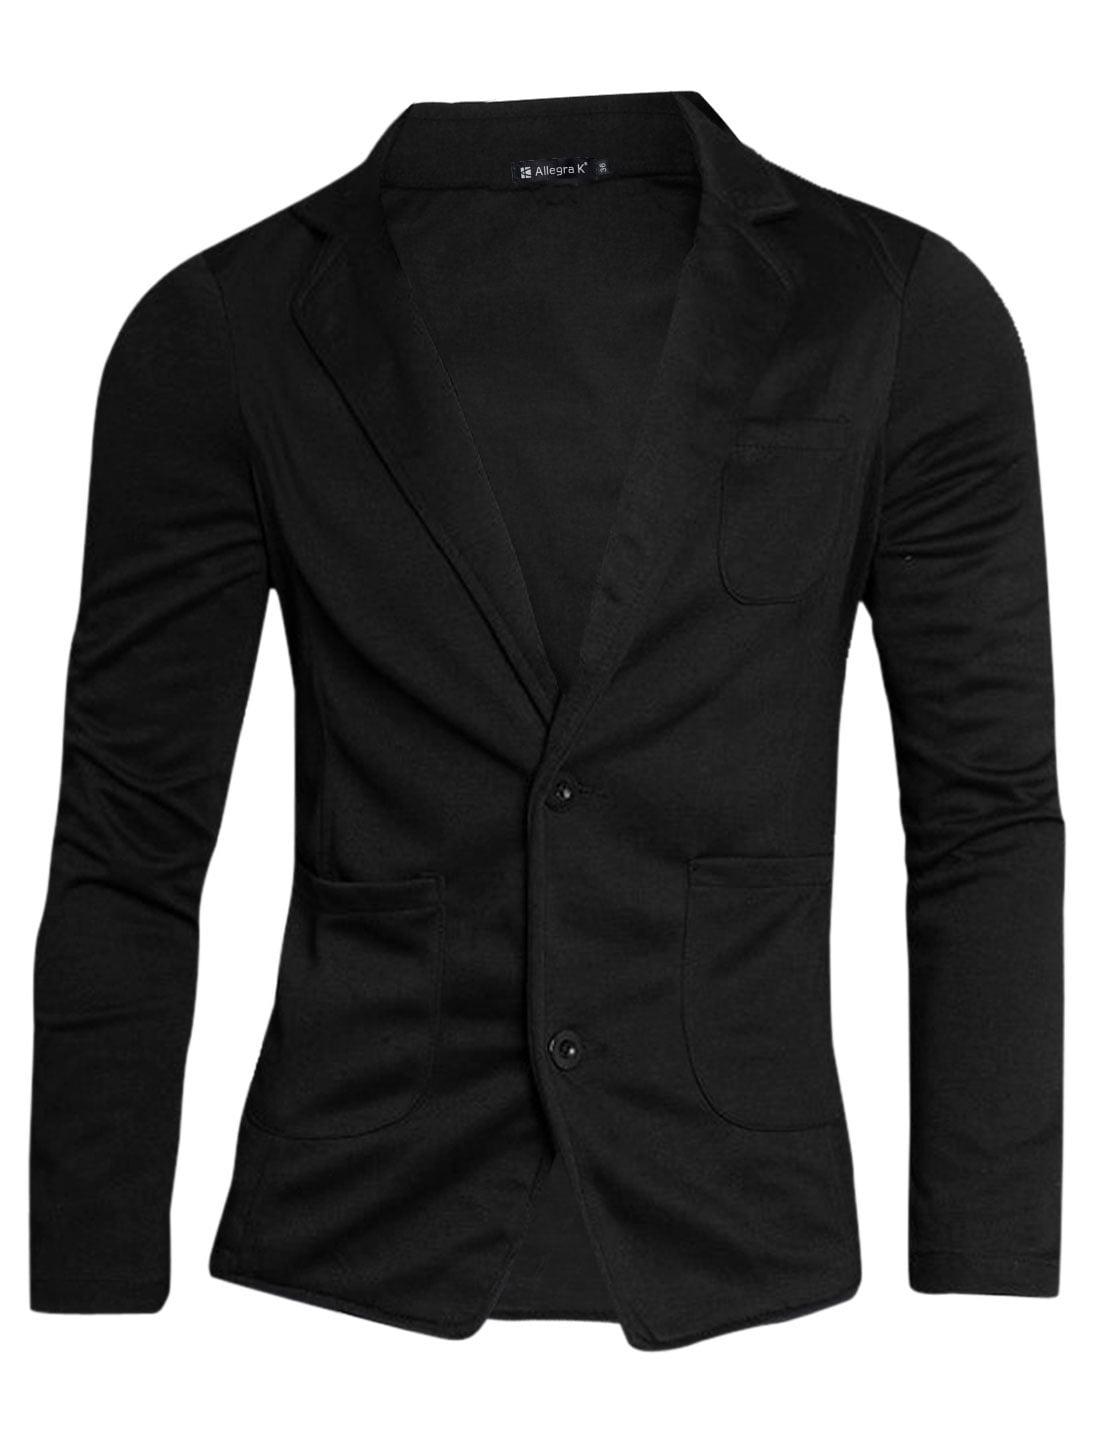 Azzuro Men's Slim Fit Blazer Outwear Black (Size L / 42)